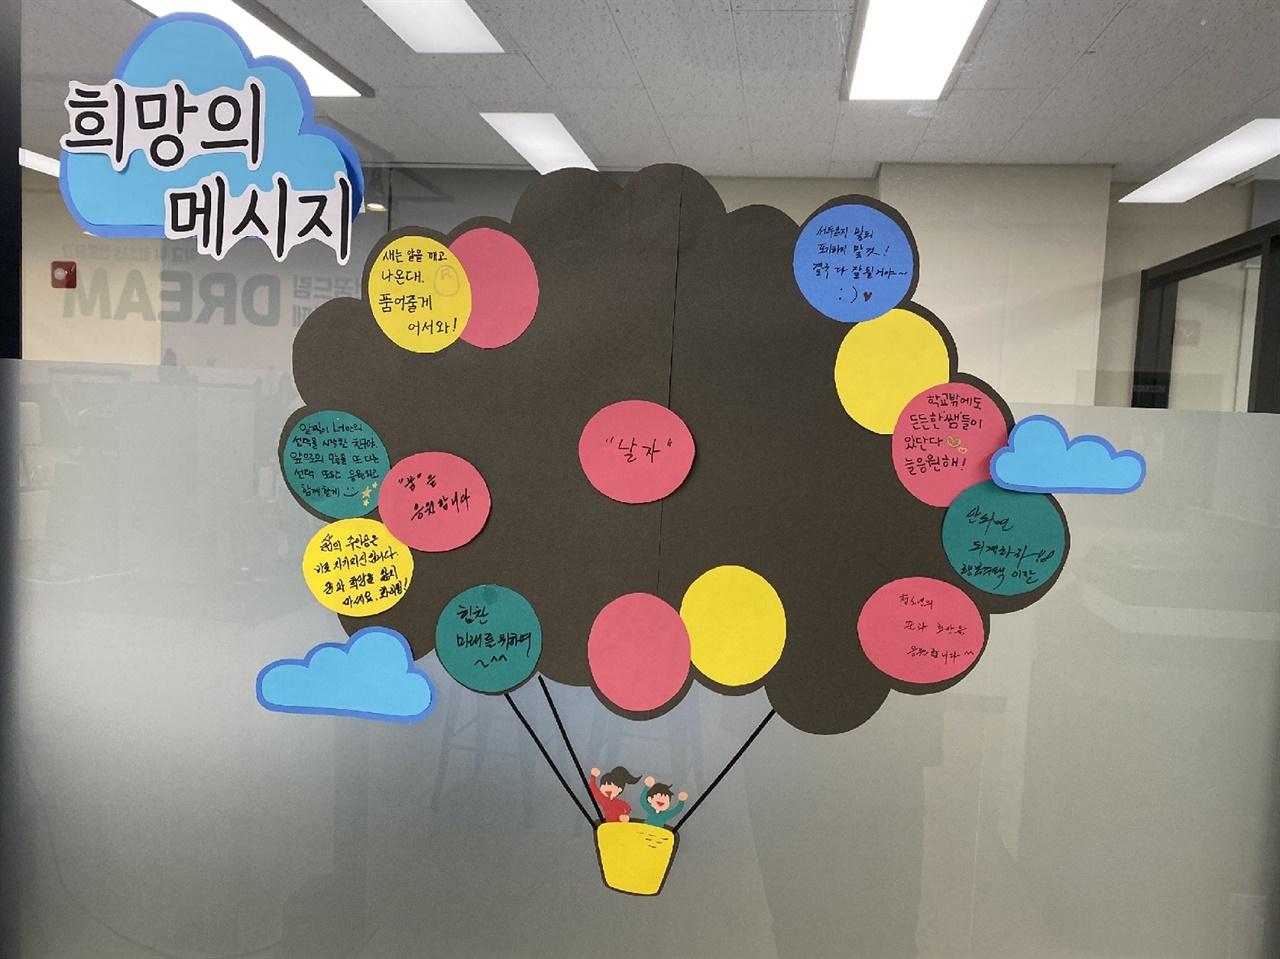 춘천 동내면 LH행복주택 행복동 2층 'DREAM'에 학교밖청소년들을 격려하는 메시지들이 게시돼 있다.